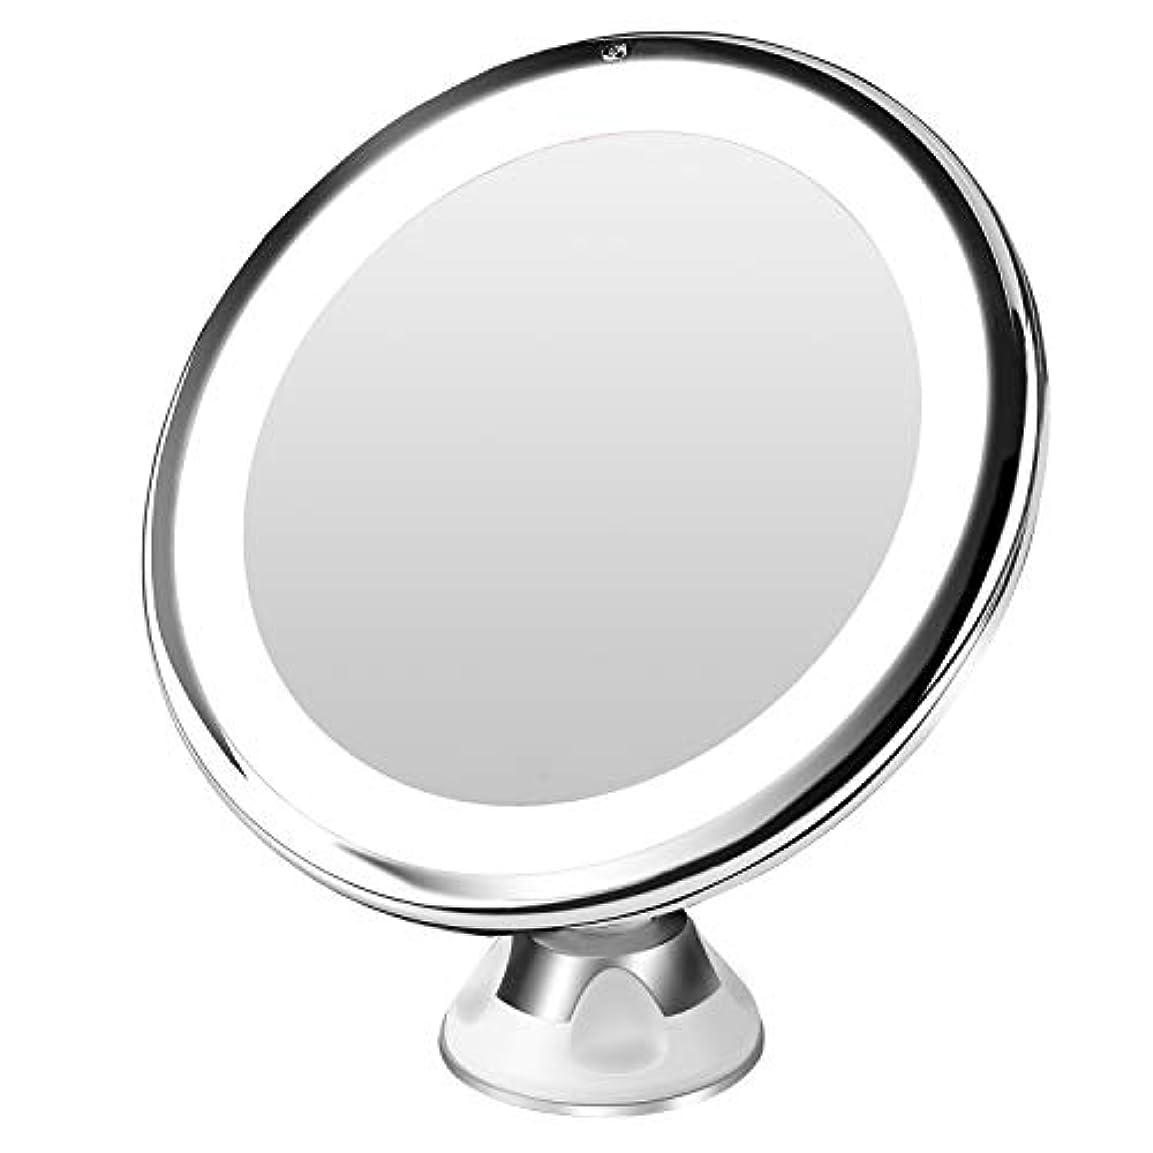 破産塗抹努力するBESTOPE 10倍拡大鏡 LED化粧鏡 浴室鏡 卓上鏡 曇らないミラー 吸盤ロック付きLEDミラー 壁掛けメイクミラー 360度回転スタンドミラー 単四電池&USB給電(改良版)